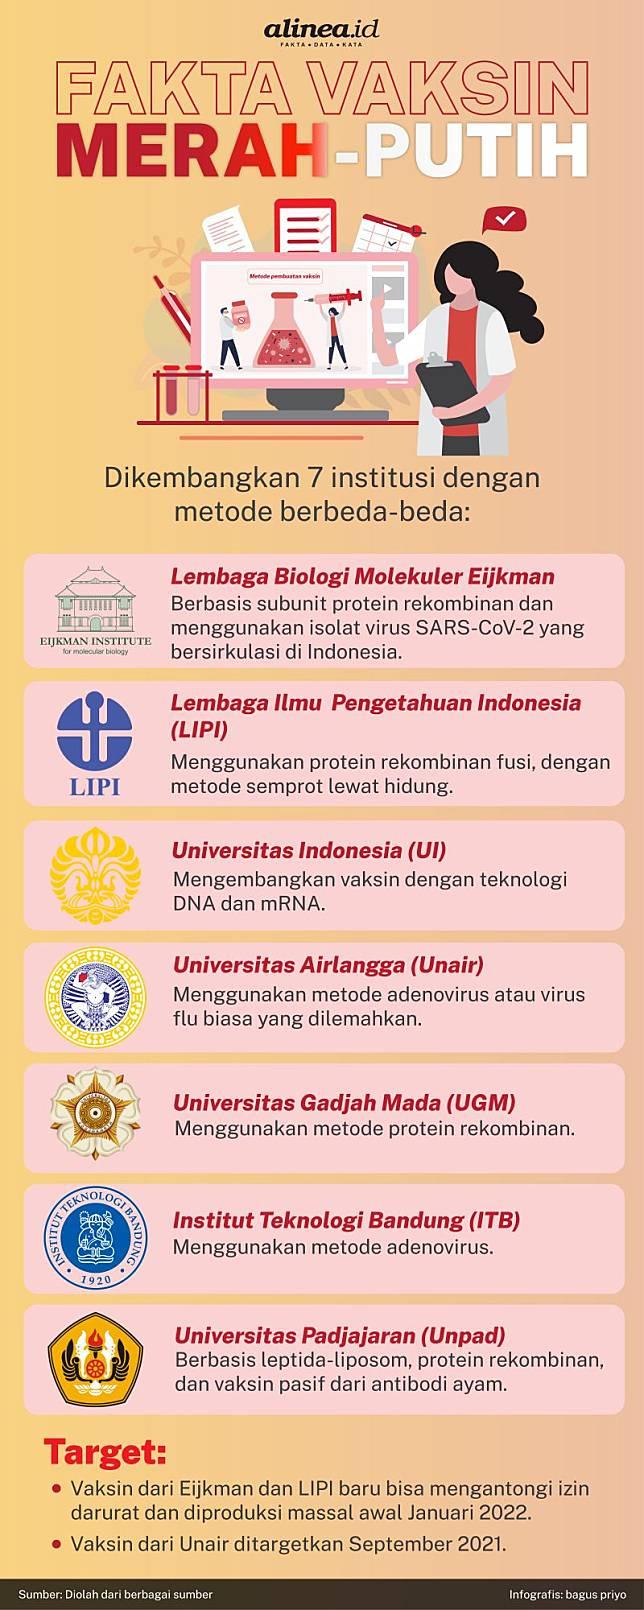 Infografik Fakta Vaksin Merah Putih. Alinea.id/Bagus Priyo.